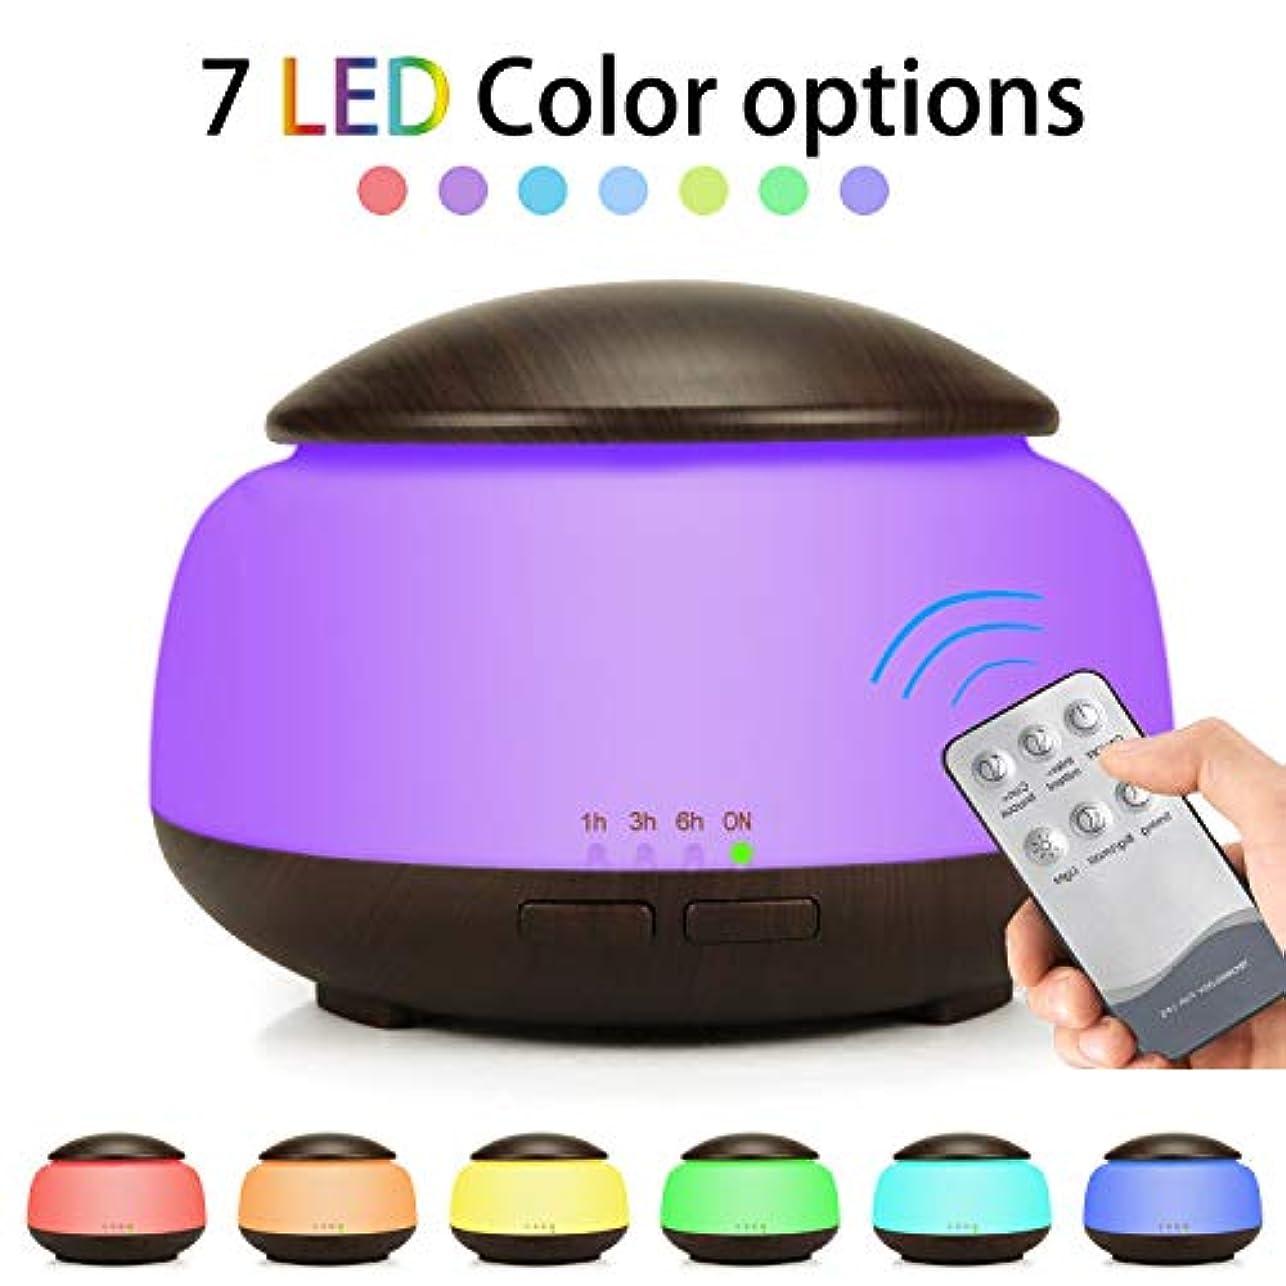 承認するズーム香ばしいAroma Diffuser,300ml Ultraschall Luftbefeuchter Raumbefeuchter, Elektrische Duftlampe Holzdesign Mit 7 Farben LED Licht, Aroma Diffuser, Aromatherapie